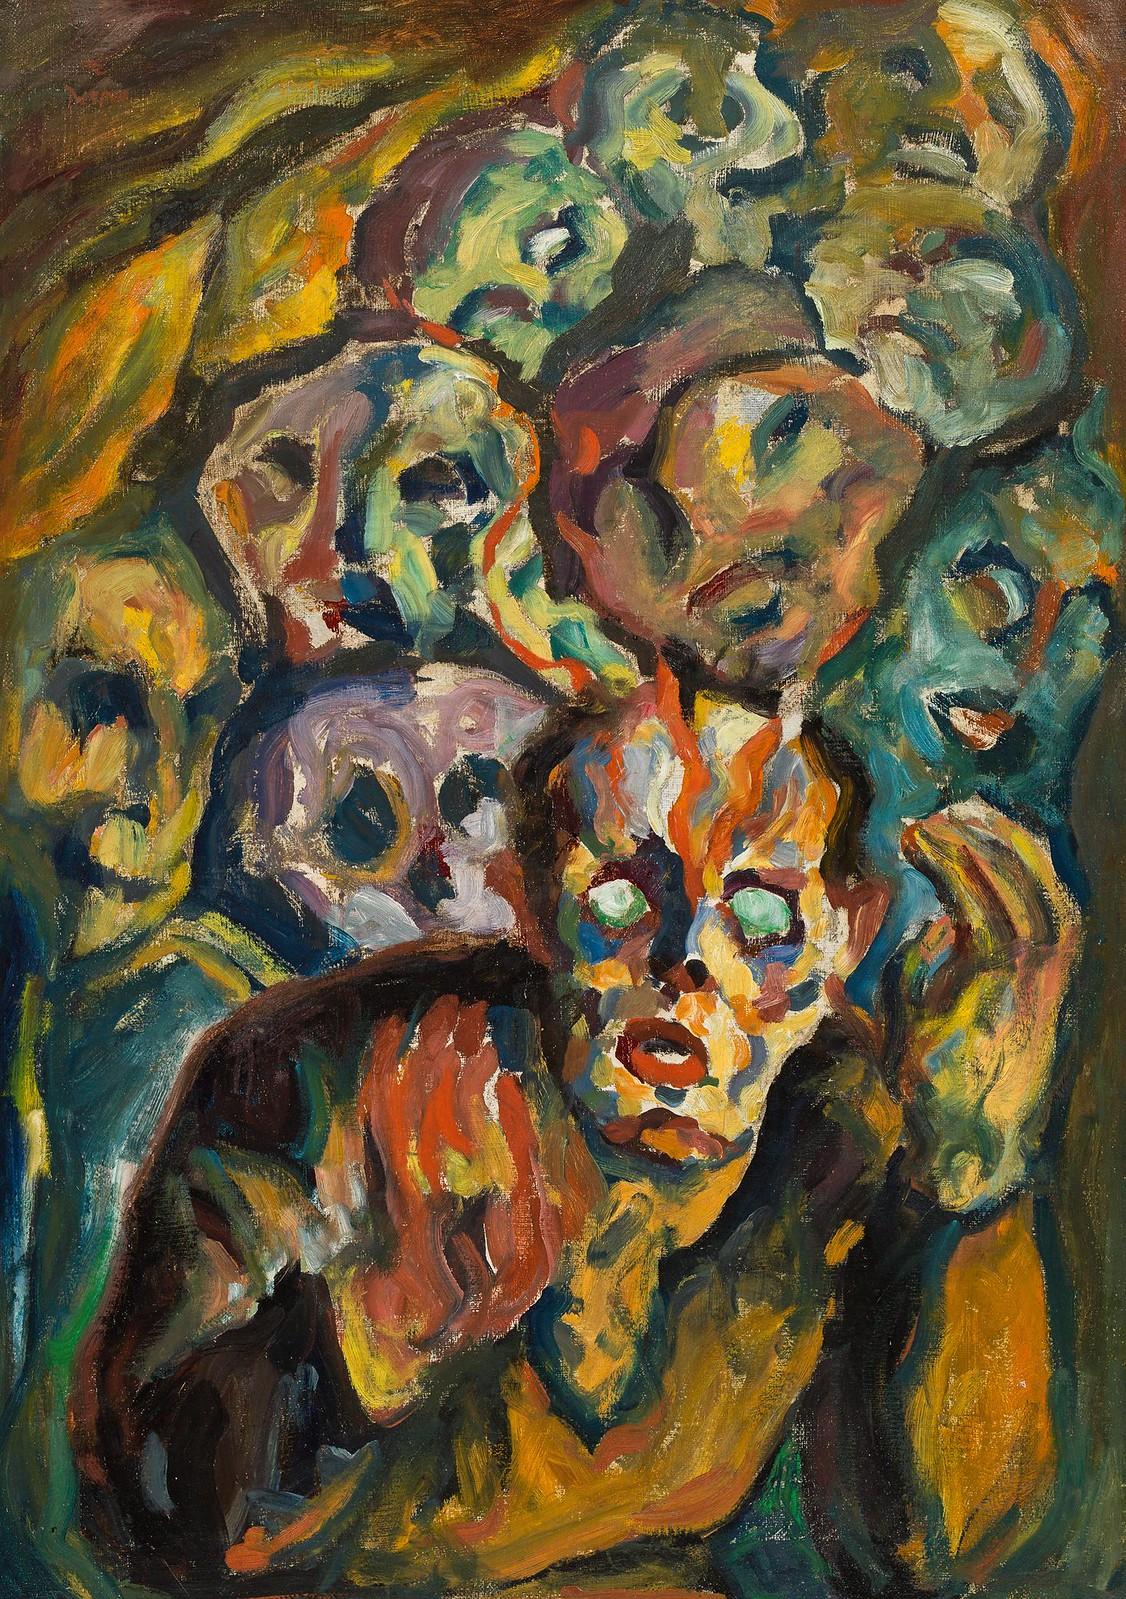 Ernst Nepo - Aus einem anderen Leben : From Another Life, 1940-49